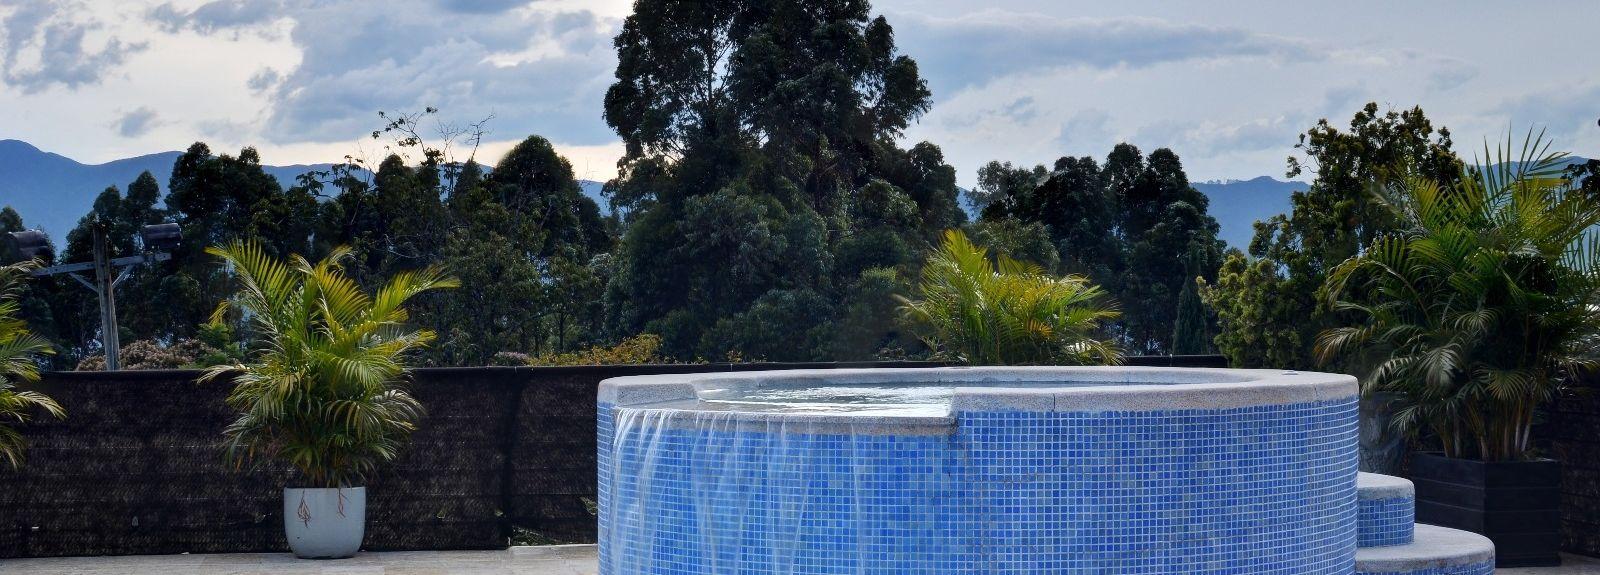 Los Naranjos, Medellín, Departamento de Antioquia, Kolumbien